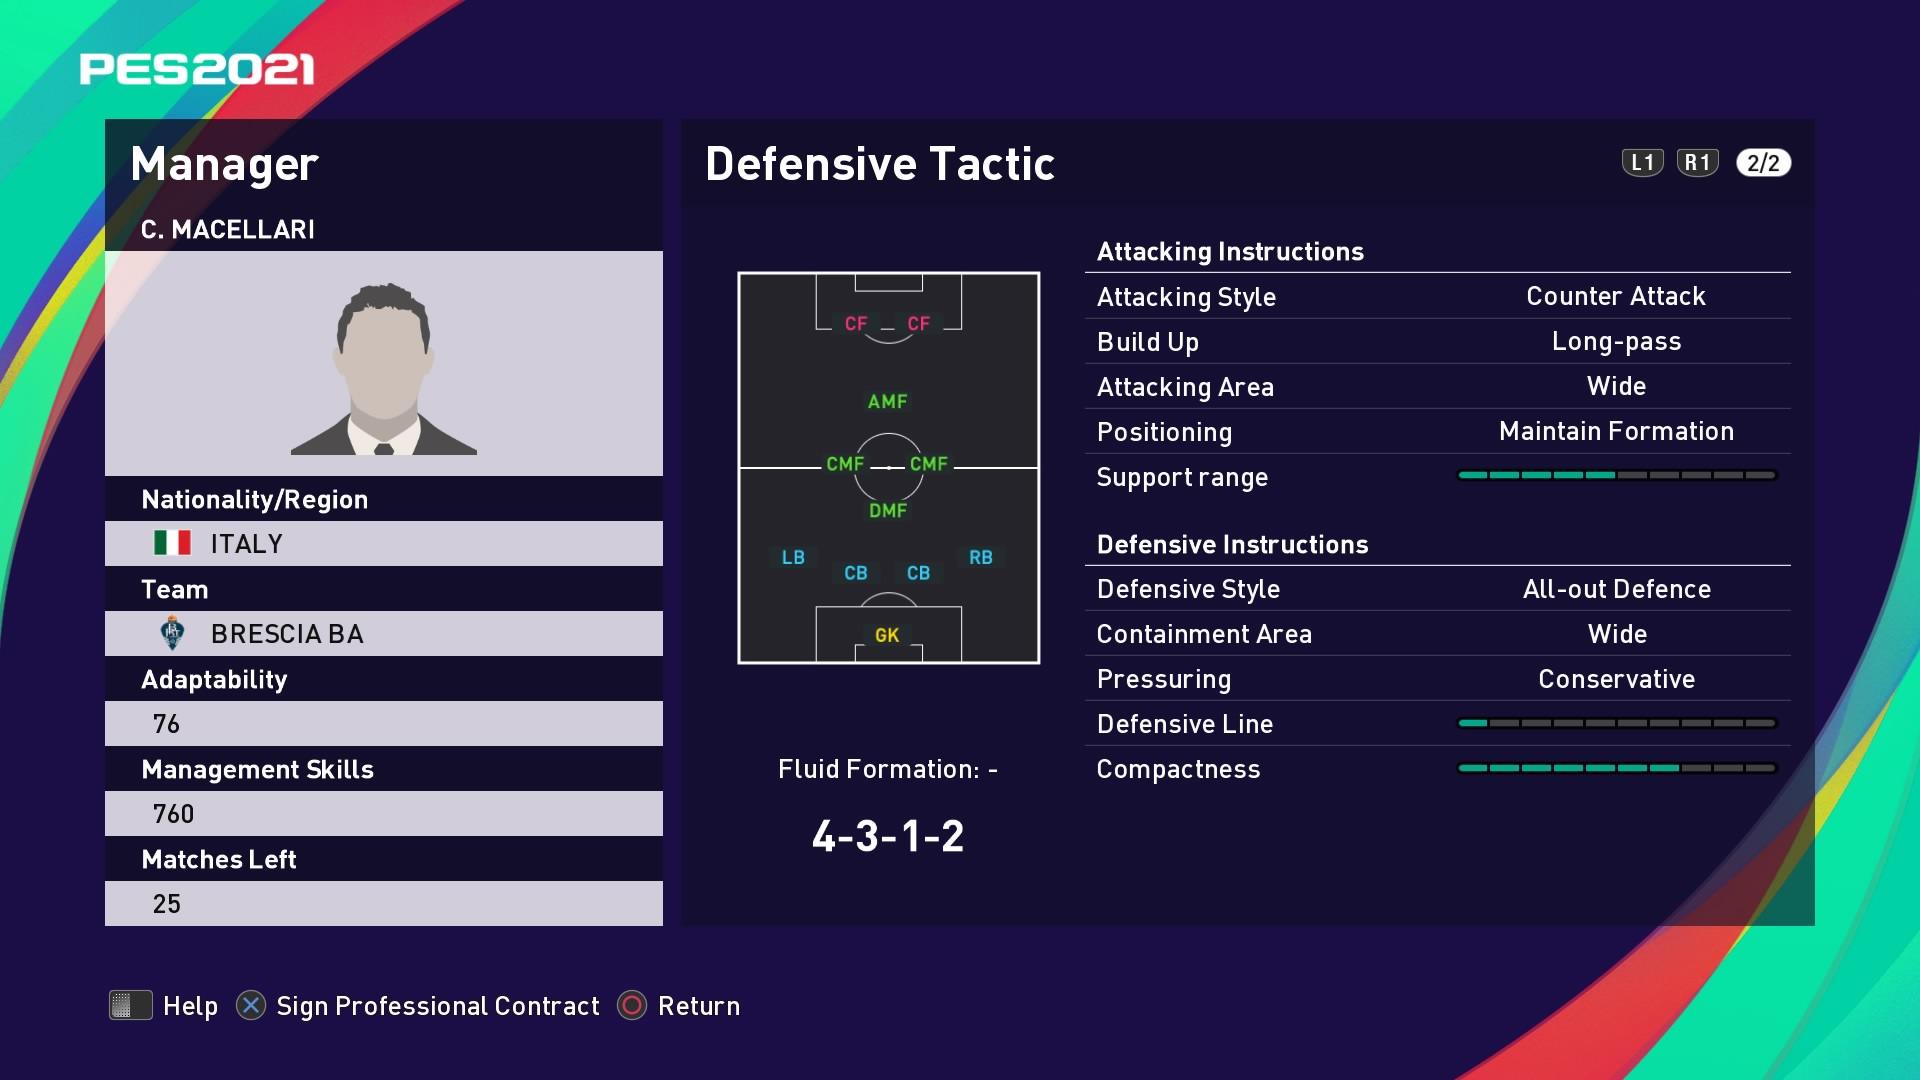 C. Macellari (Luigi Delneri) Defensive Tactic in PES 2021 myClub